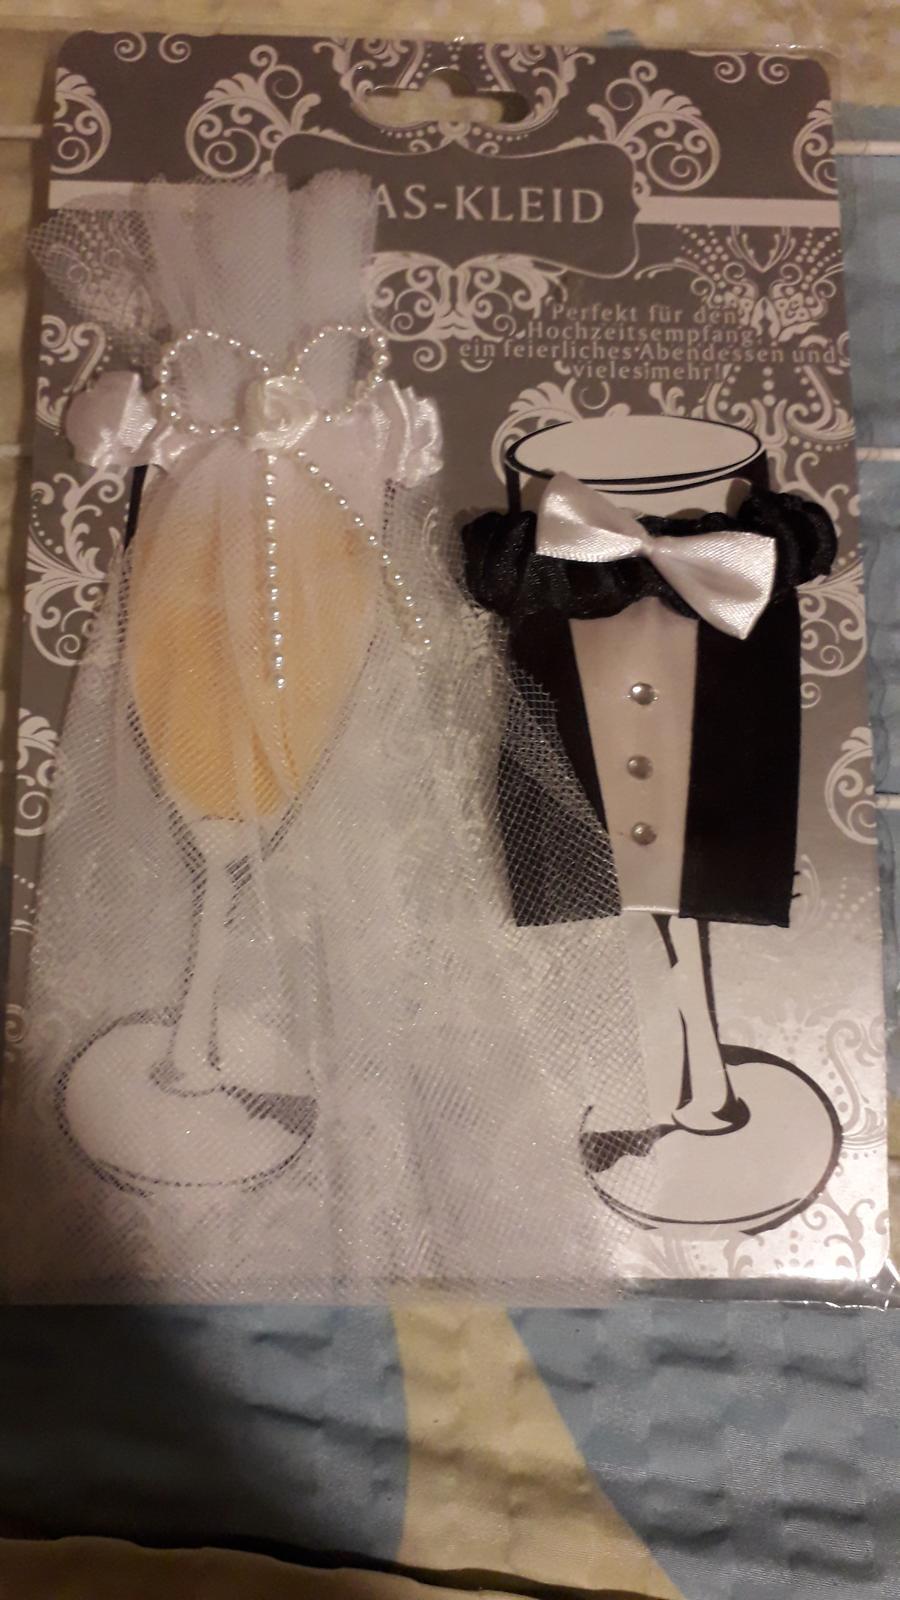 Ozdoby na sklenice ženicha a nevěsty - Obrázek č. 1